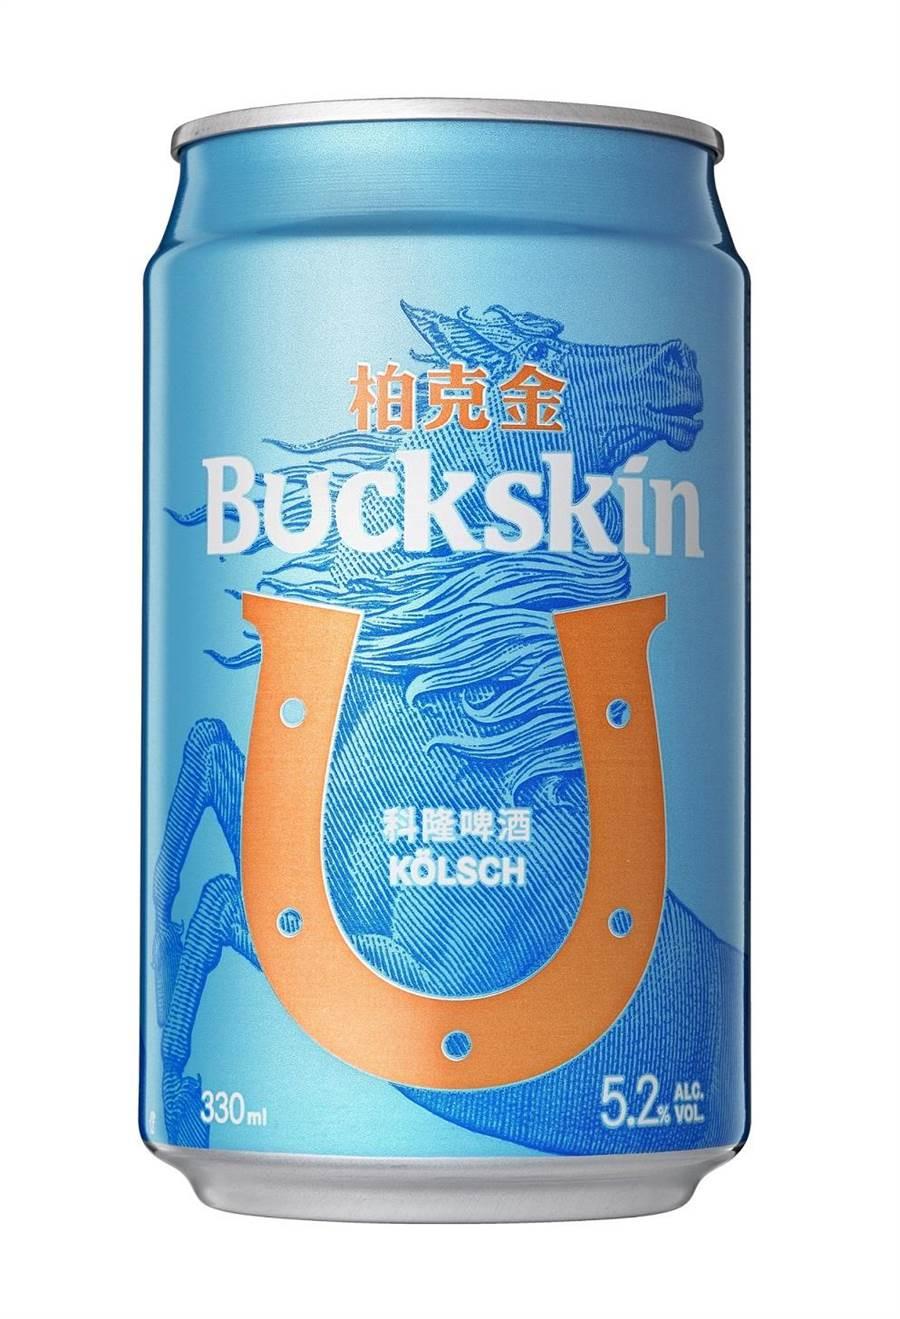 全聯獨家「BUCKSKIN柏克金-科隆啤酒」330ml x 6入,源自於德國科隆地區傳統啤酒,採頂層發酵低溫熟成,23日前原價259元、特價209元。(全聯提供)